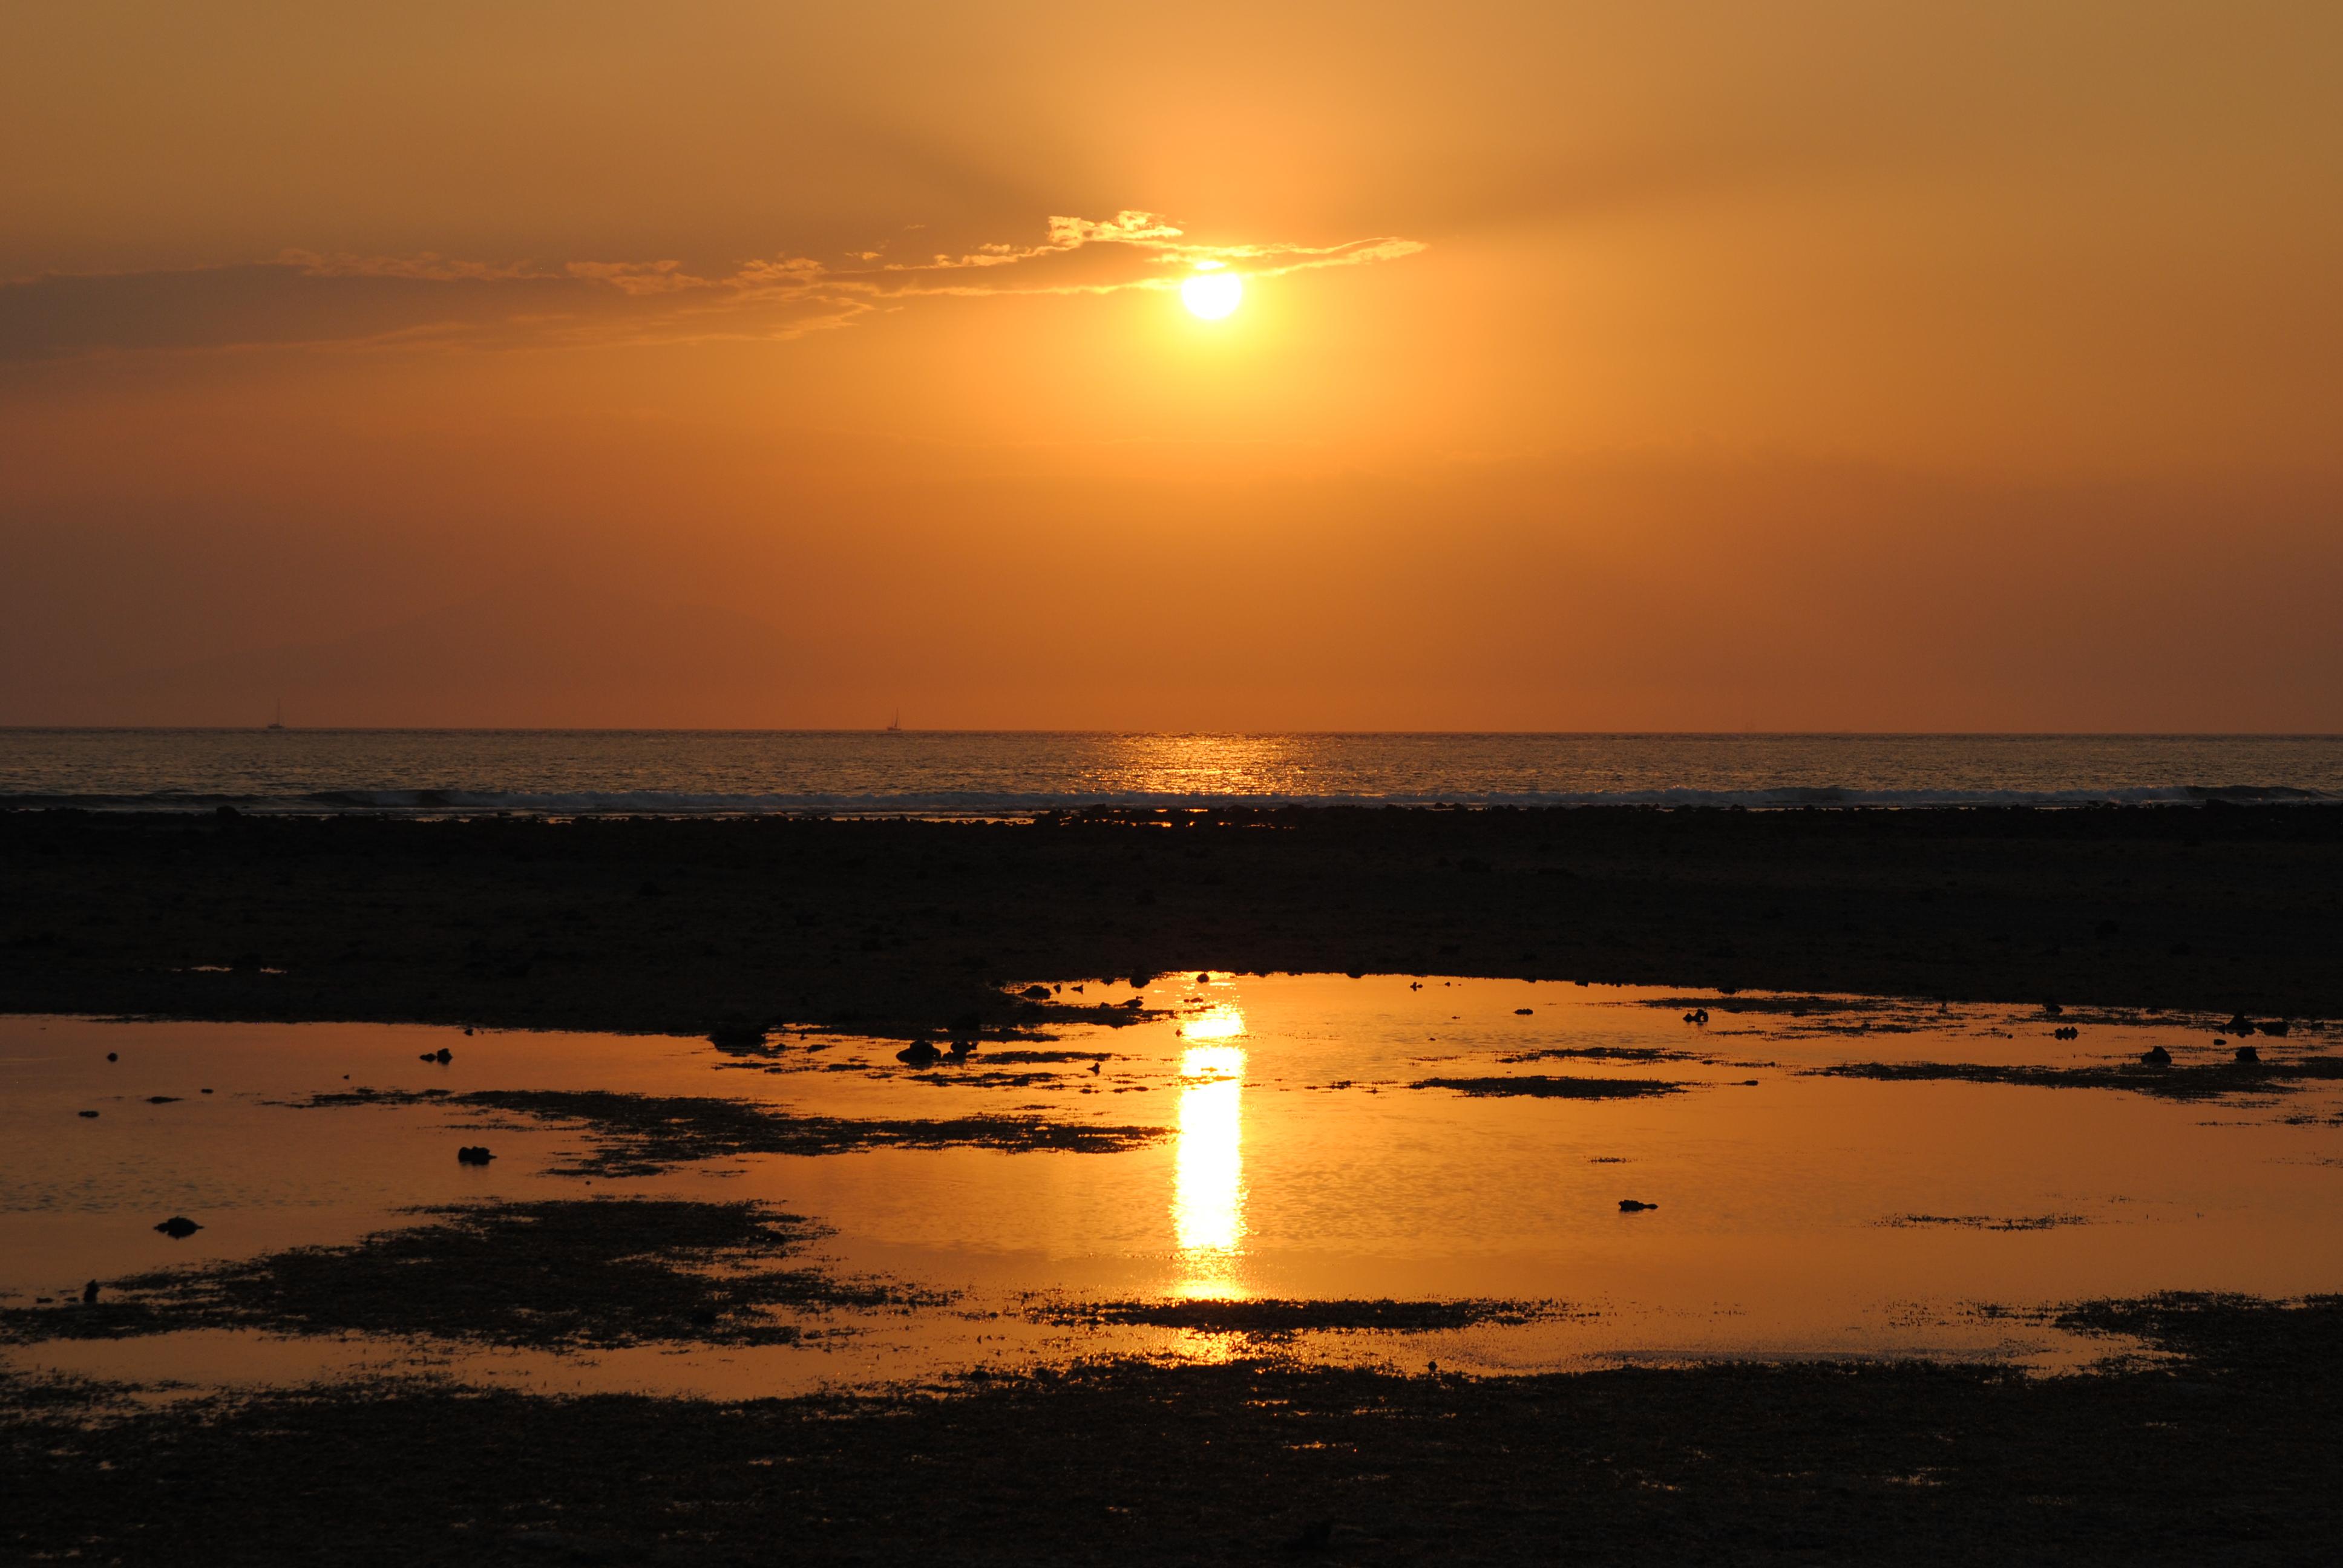 Die Sonne geht in Indonesien schon um 6 Uhr unter.